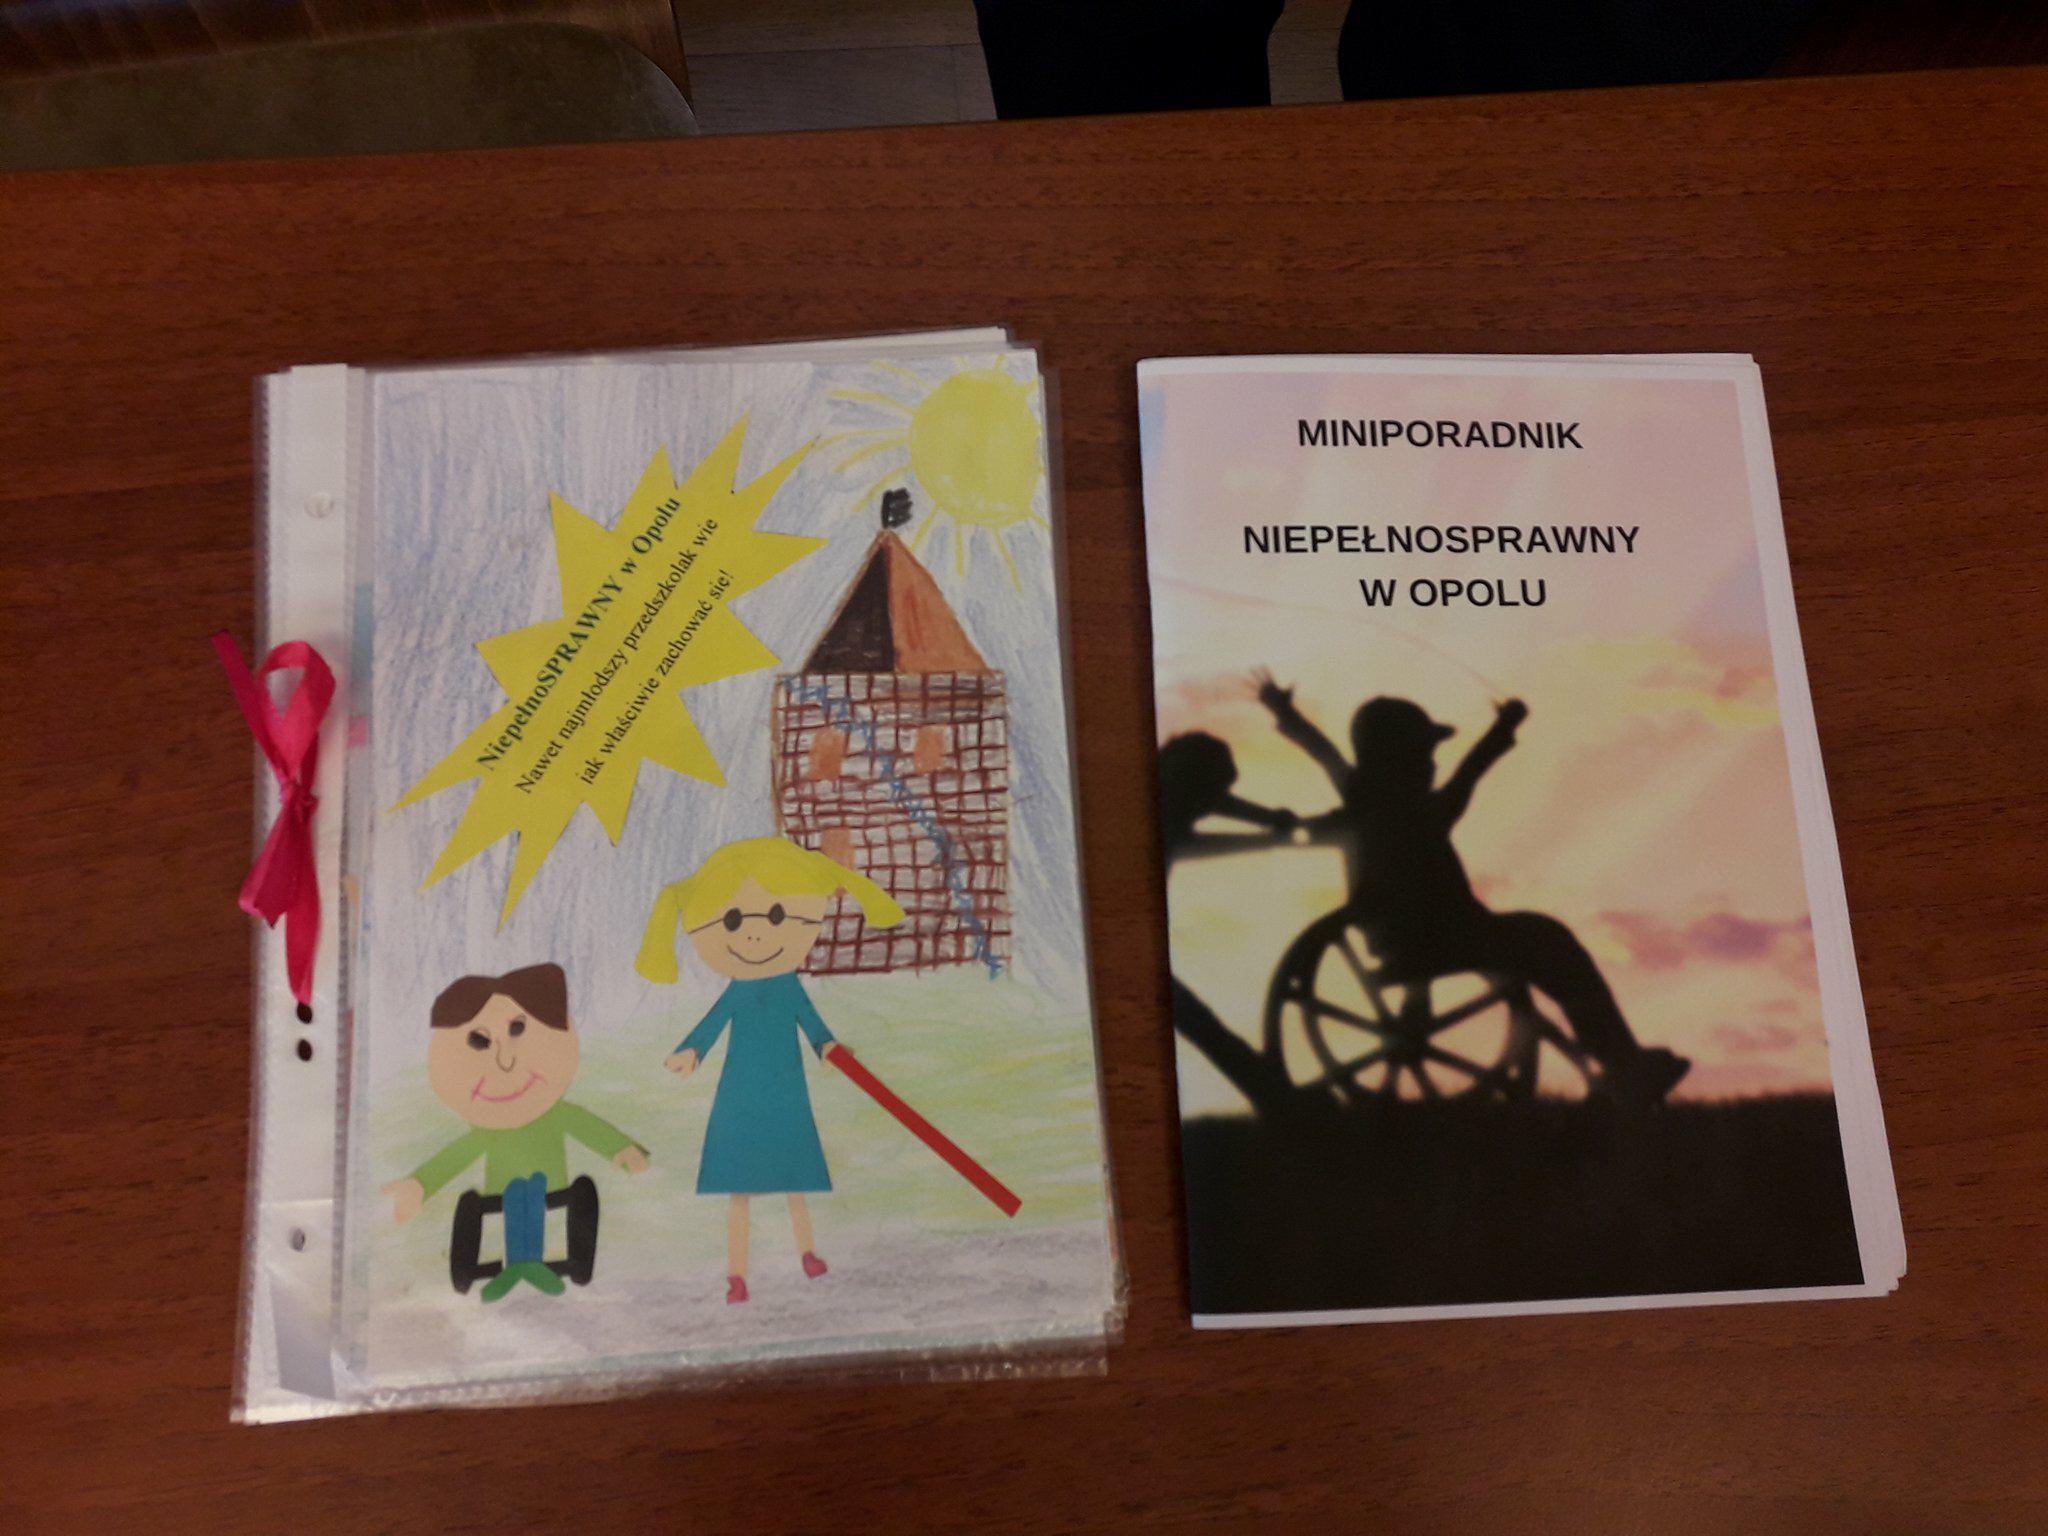 Mali opolanie wiedzą jak pomagać niepełnosprawnym. Stworzyli miniporadnik o dobrym zachowaniu